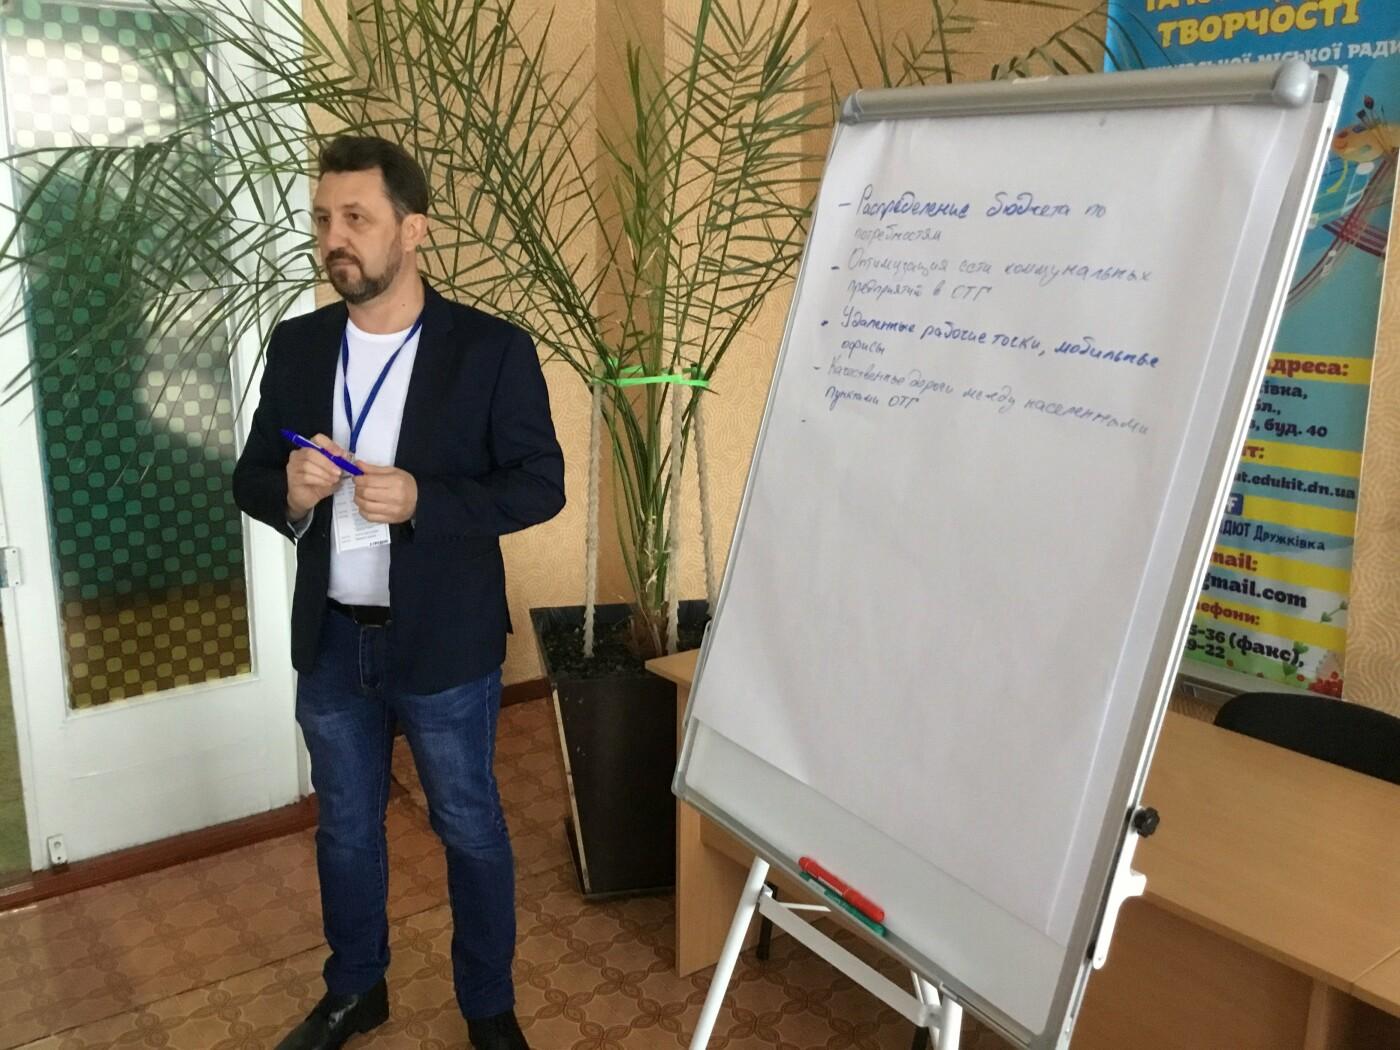 Дружківка: На Форумі місцевого розвитку пройшли плідні дискусії про майбутнє міста та громади (ФОТО), фото-10